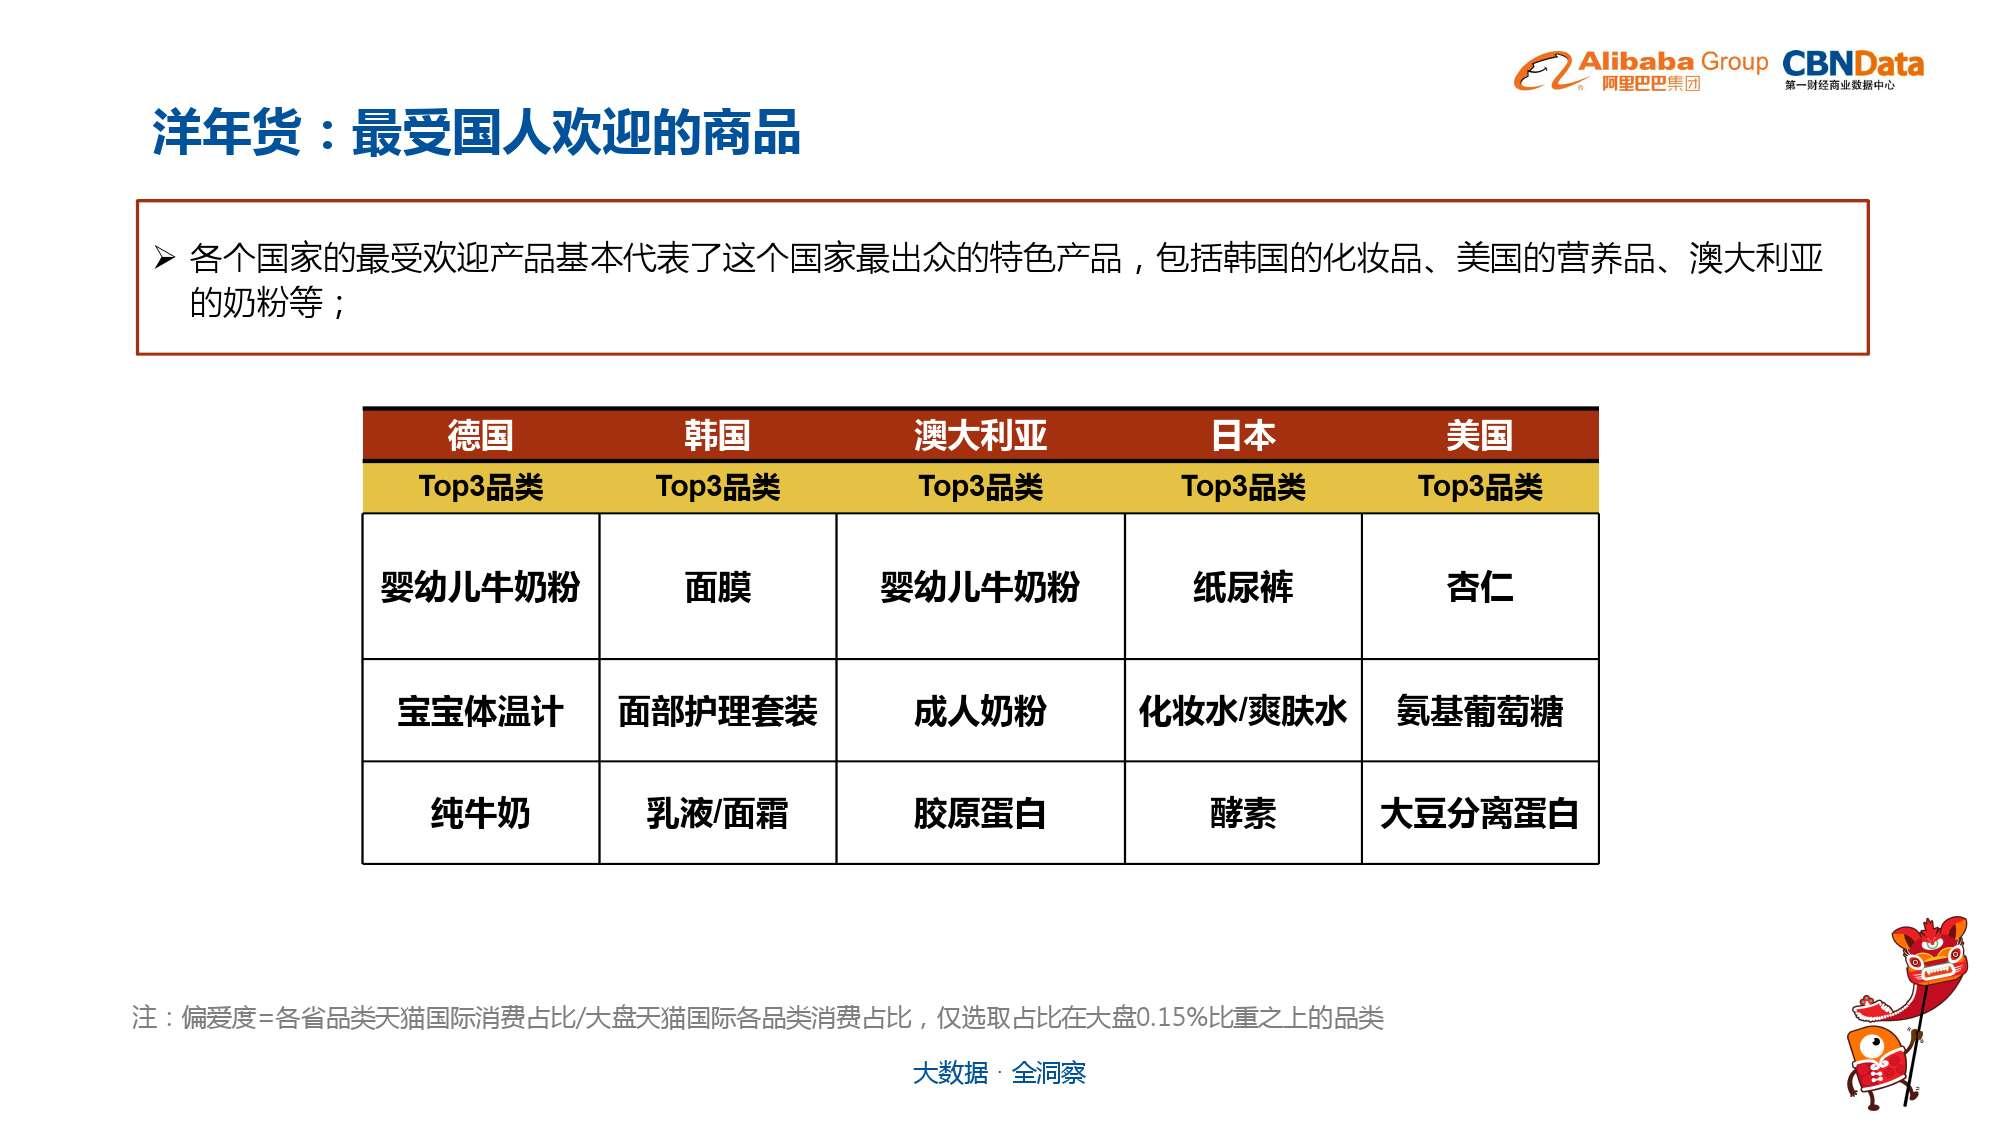 中国年货大数据报告_000028